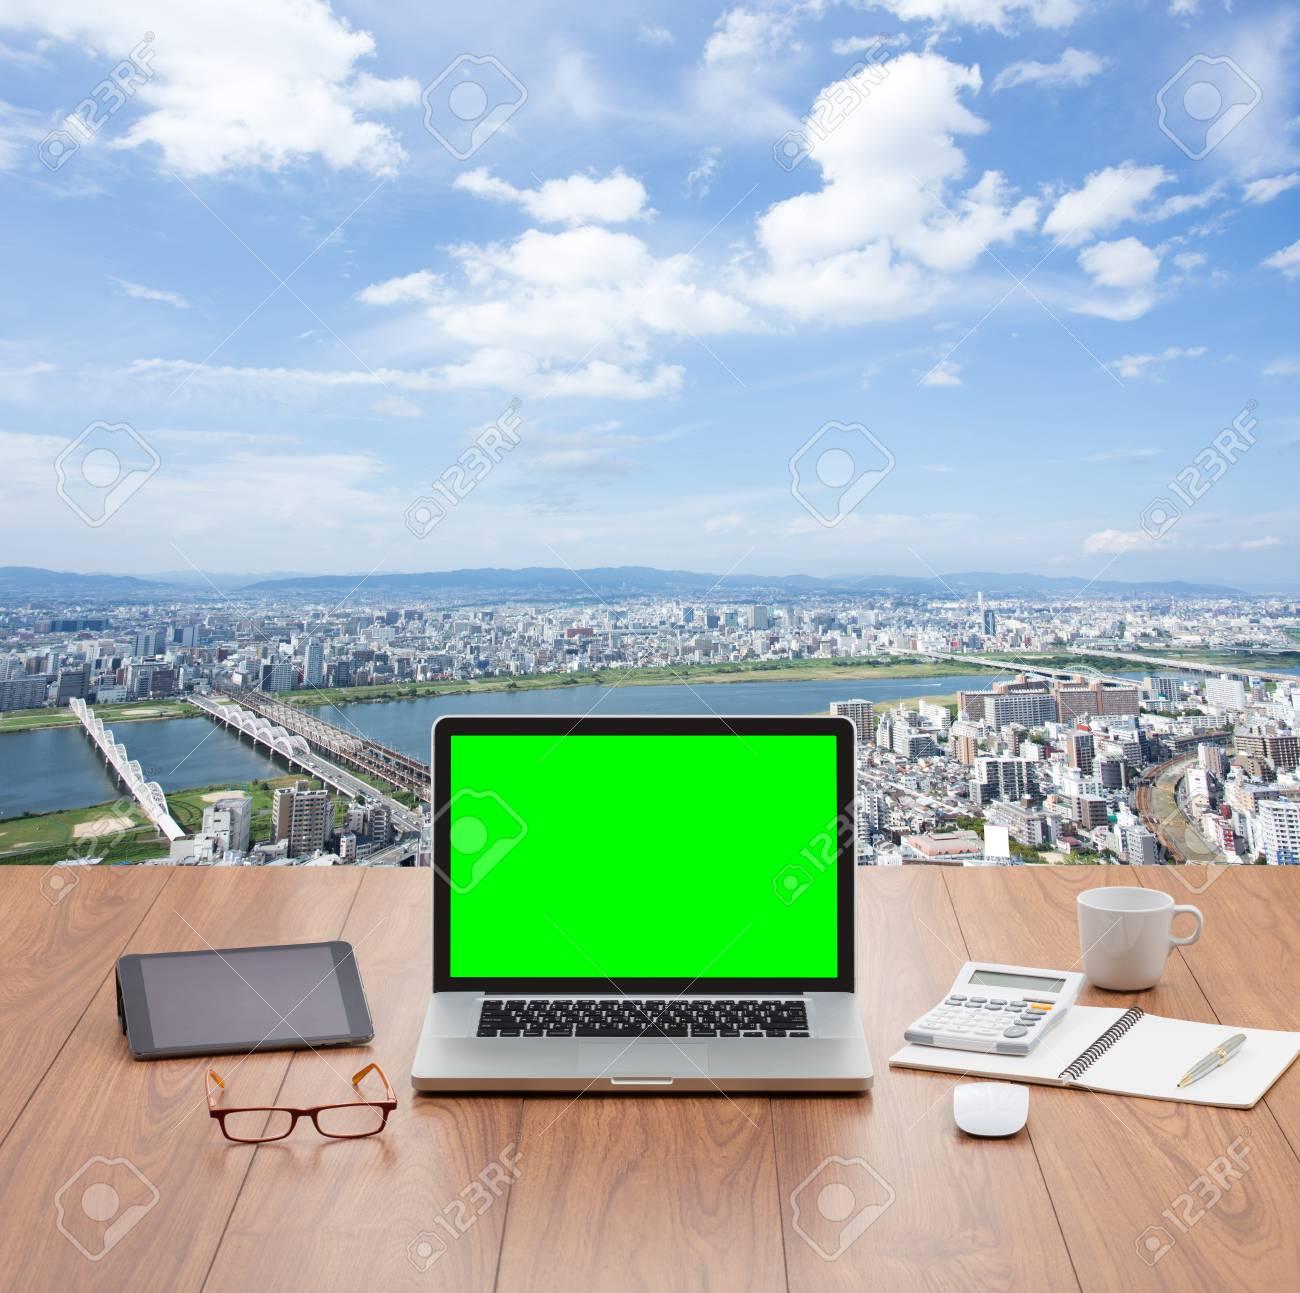 Blank Ordinateur Vert Portable D Ecran Sur La Table En Bois Avec Un Fond Paysage Urbain